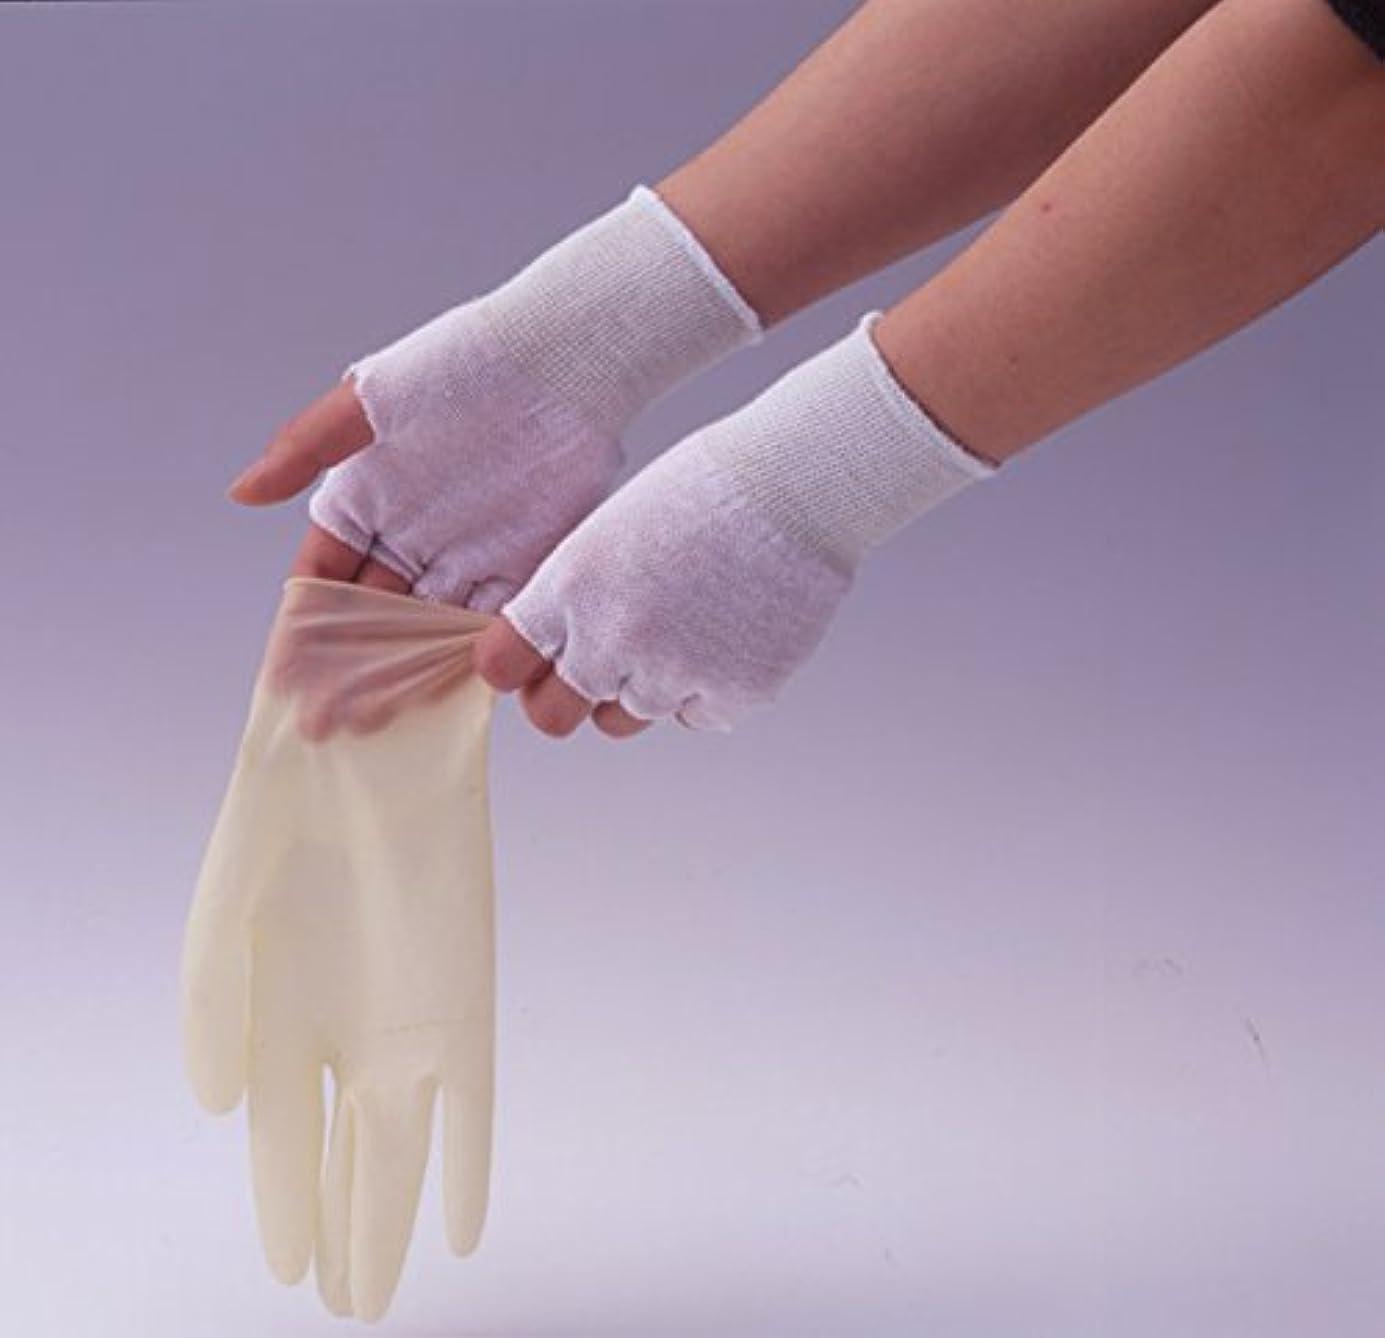 チチカカ湖侮辱ウェイドやさしインナー手袋 (綿100%指なし) 200組/カートン 激安業務用パック